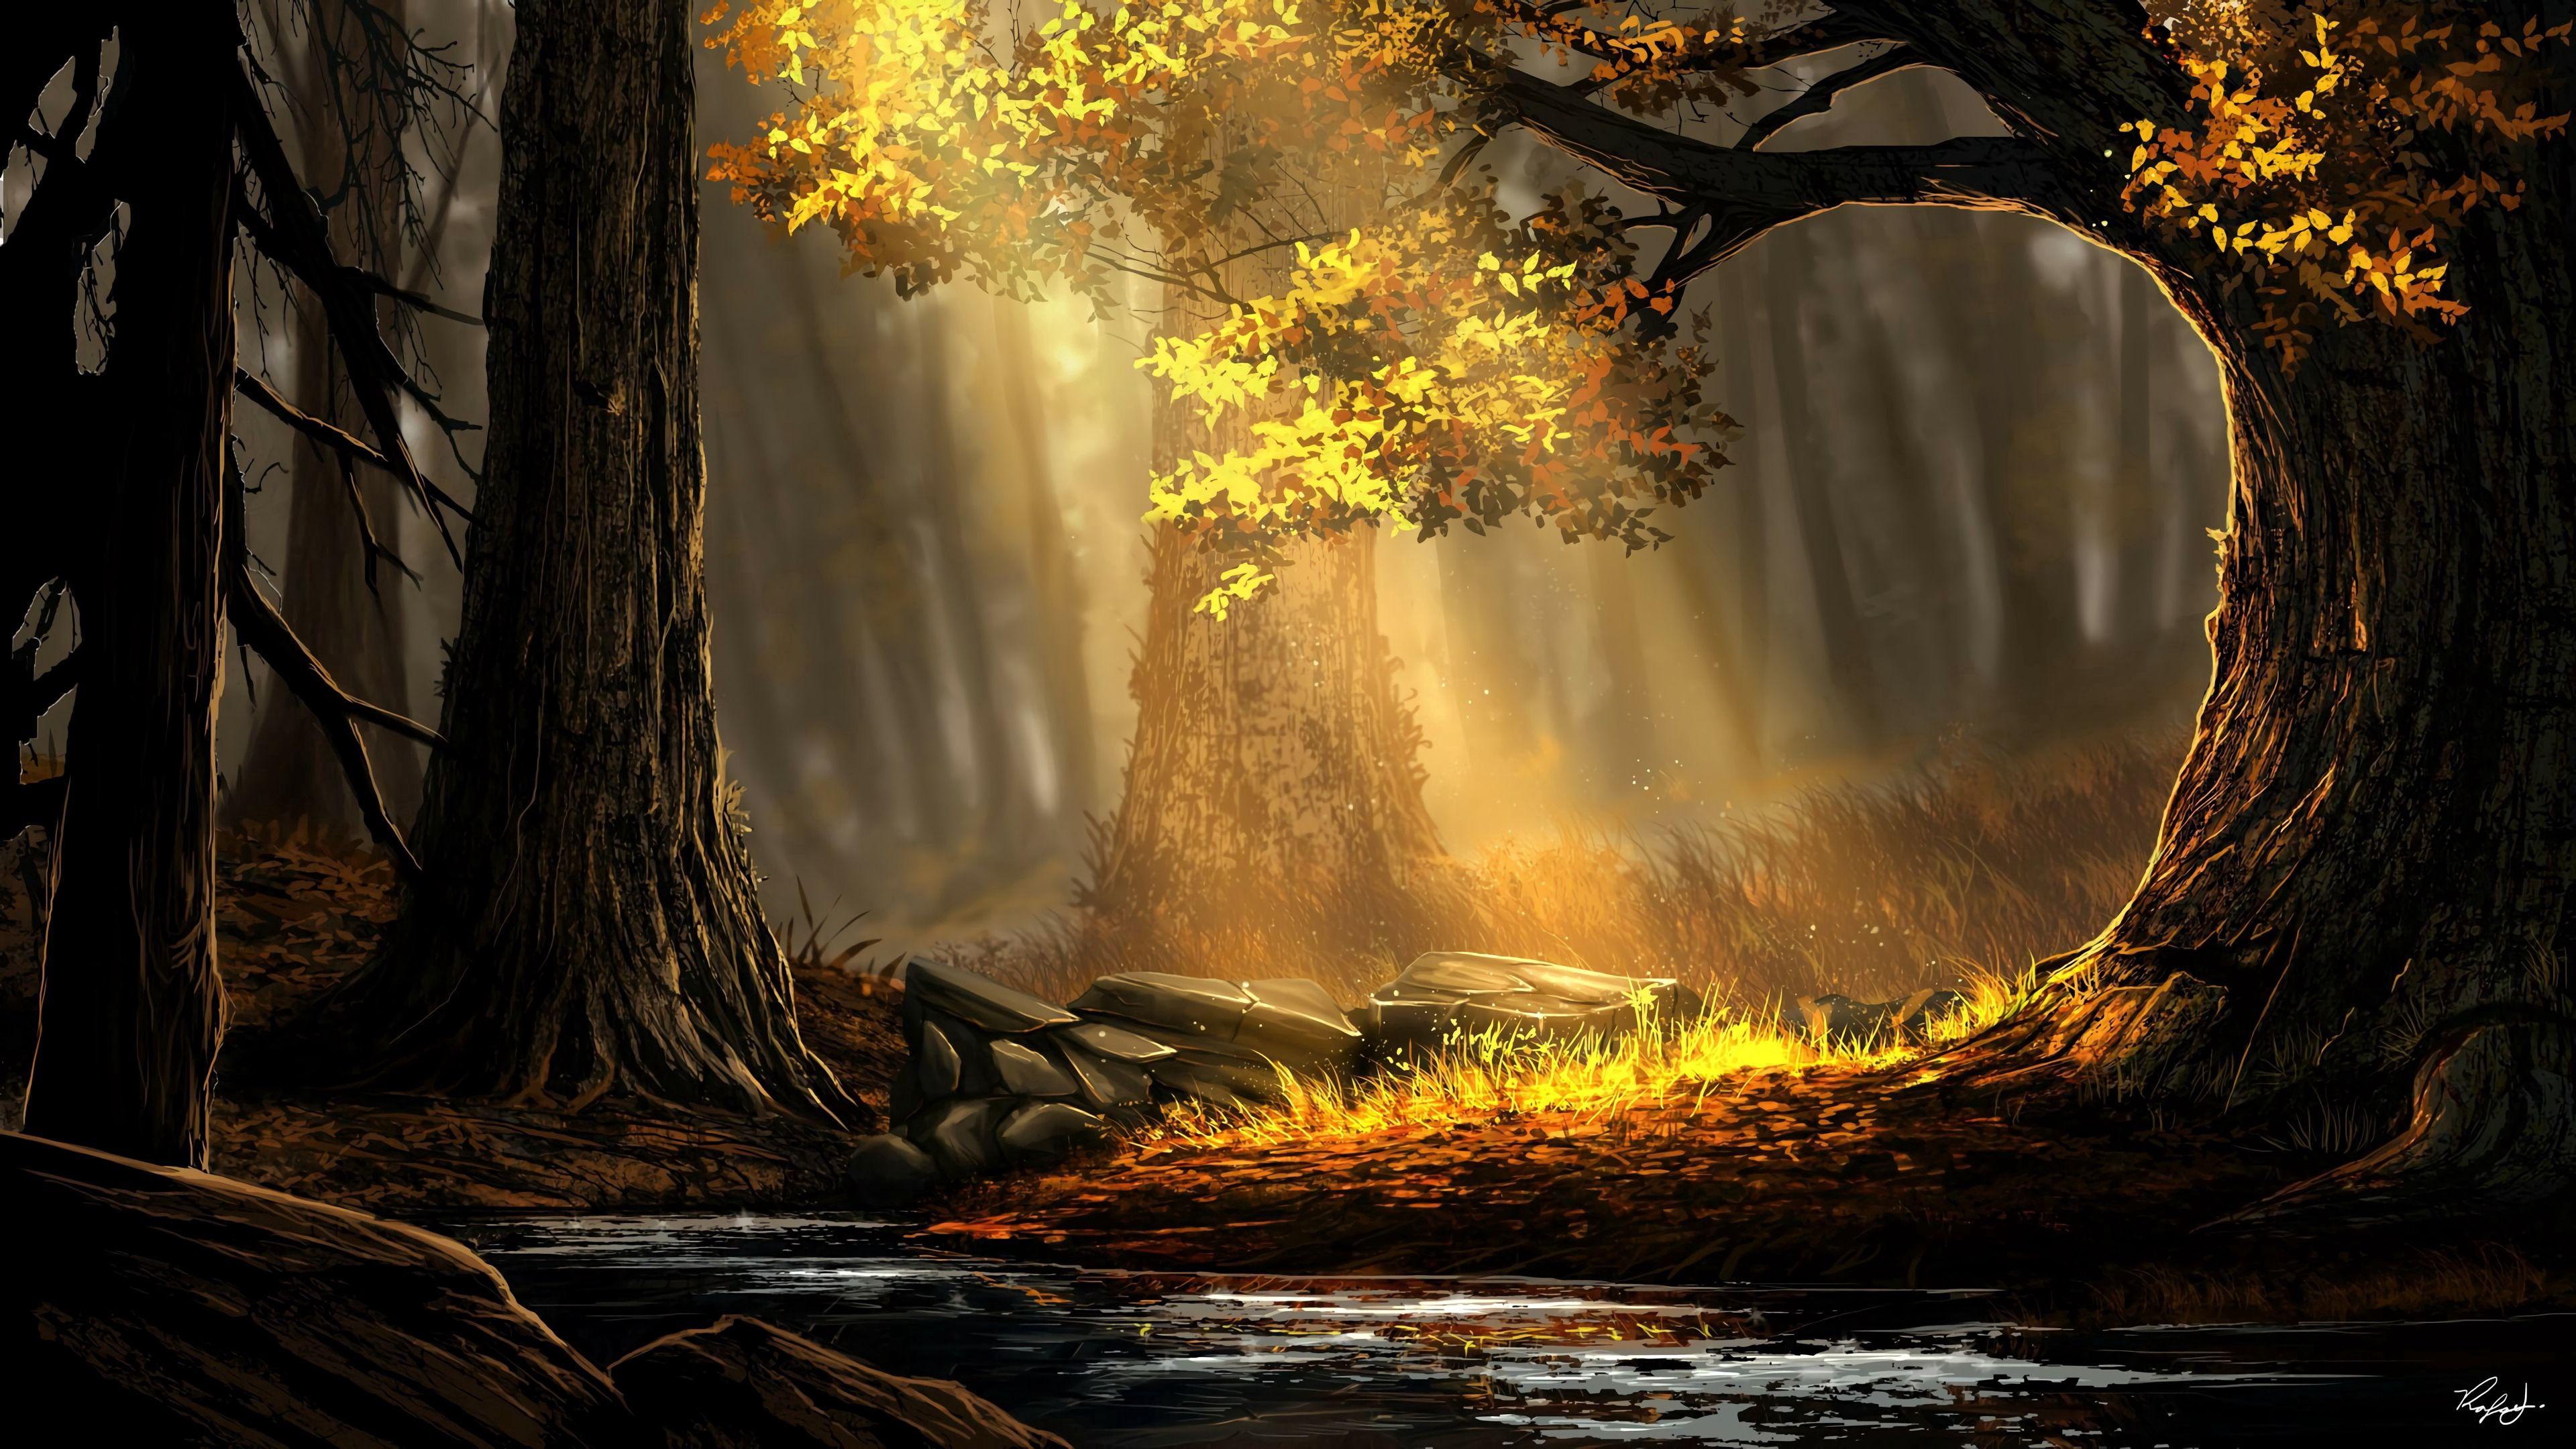 91850 скачать обои Лес, Река, Деревья, Солнечный Свет, Арт, Природа - заставки и картинки бесплатно